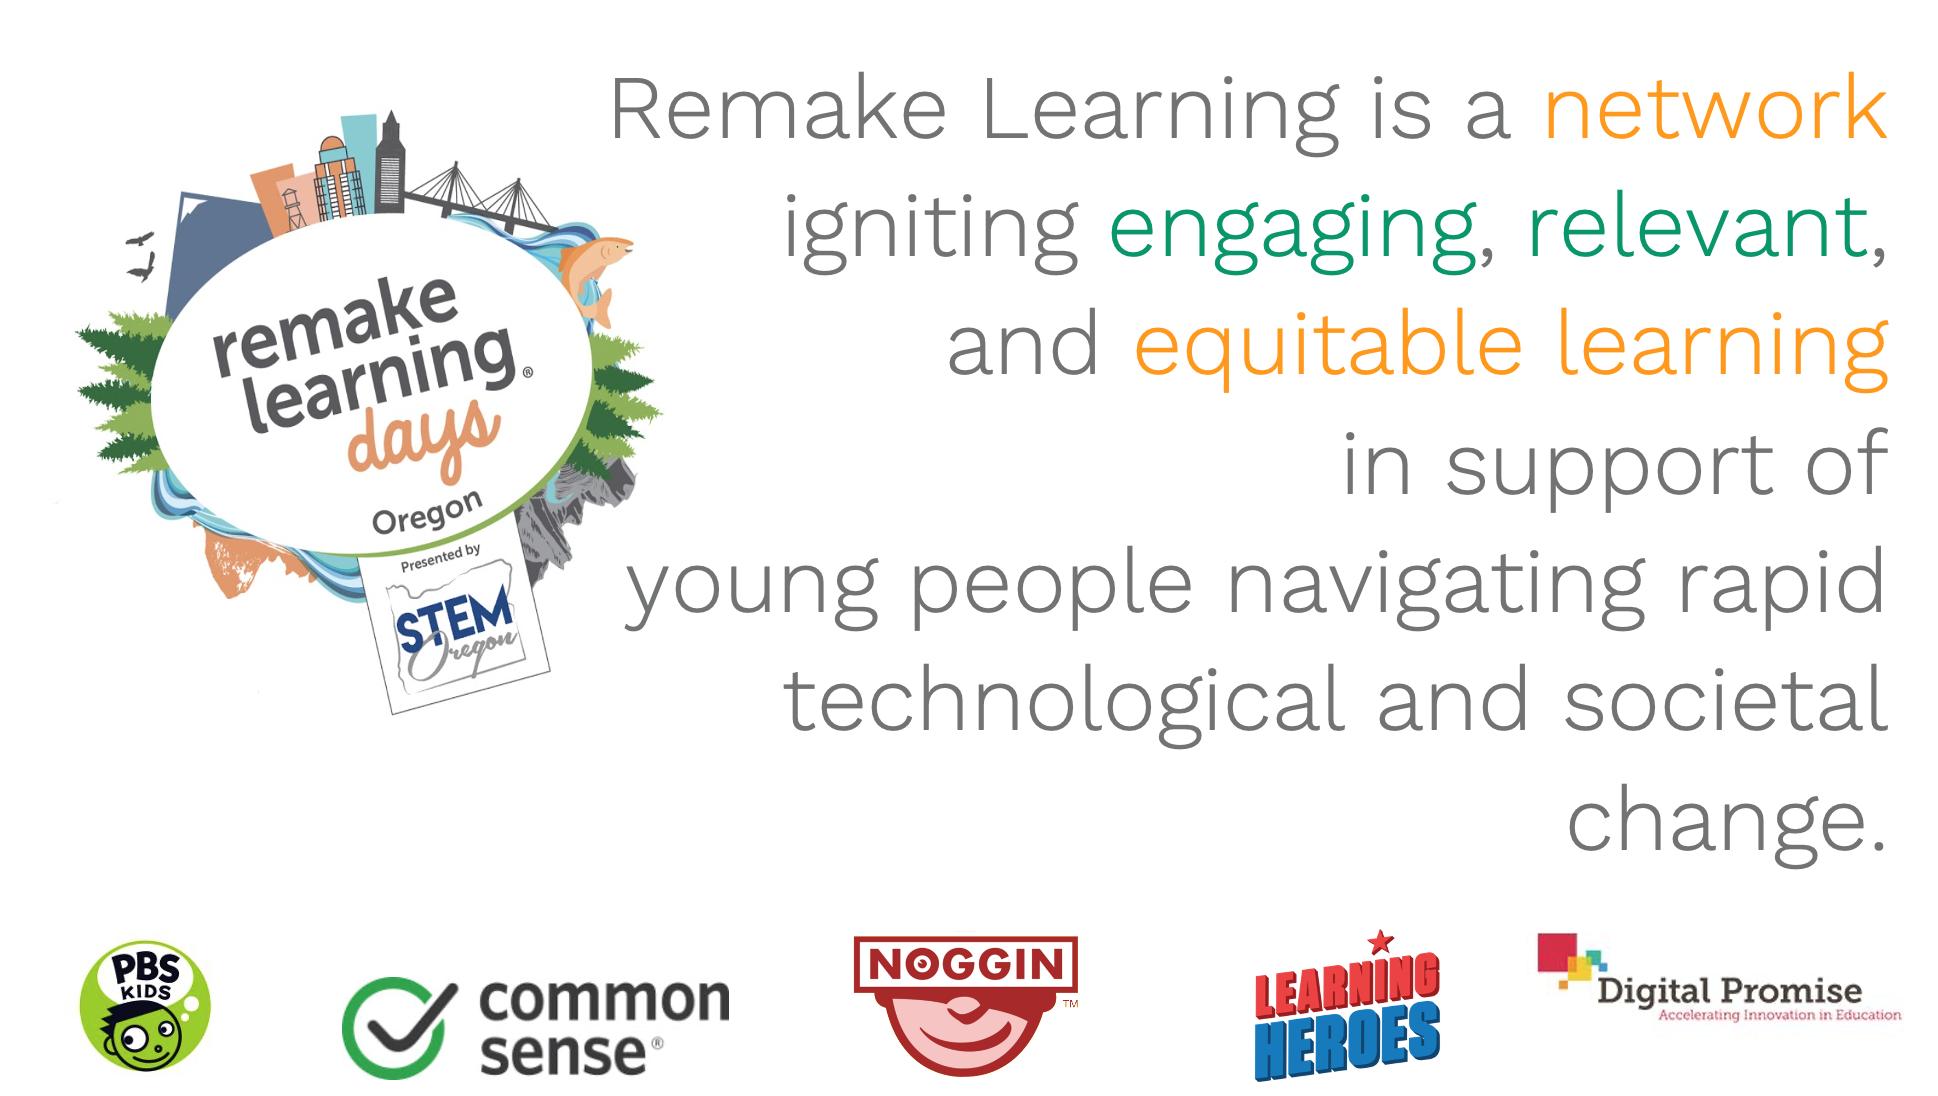 Remake Learning Days slide